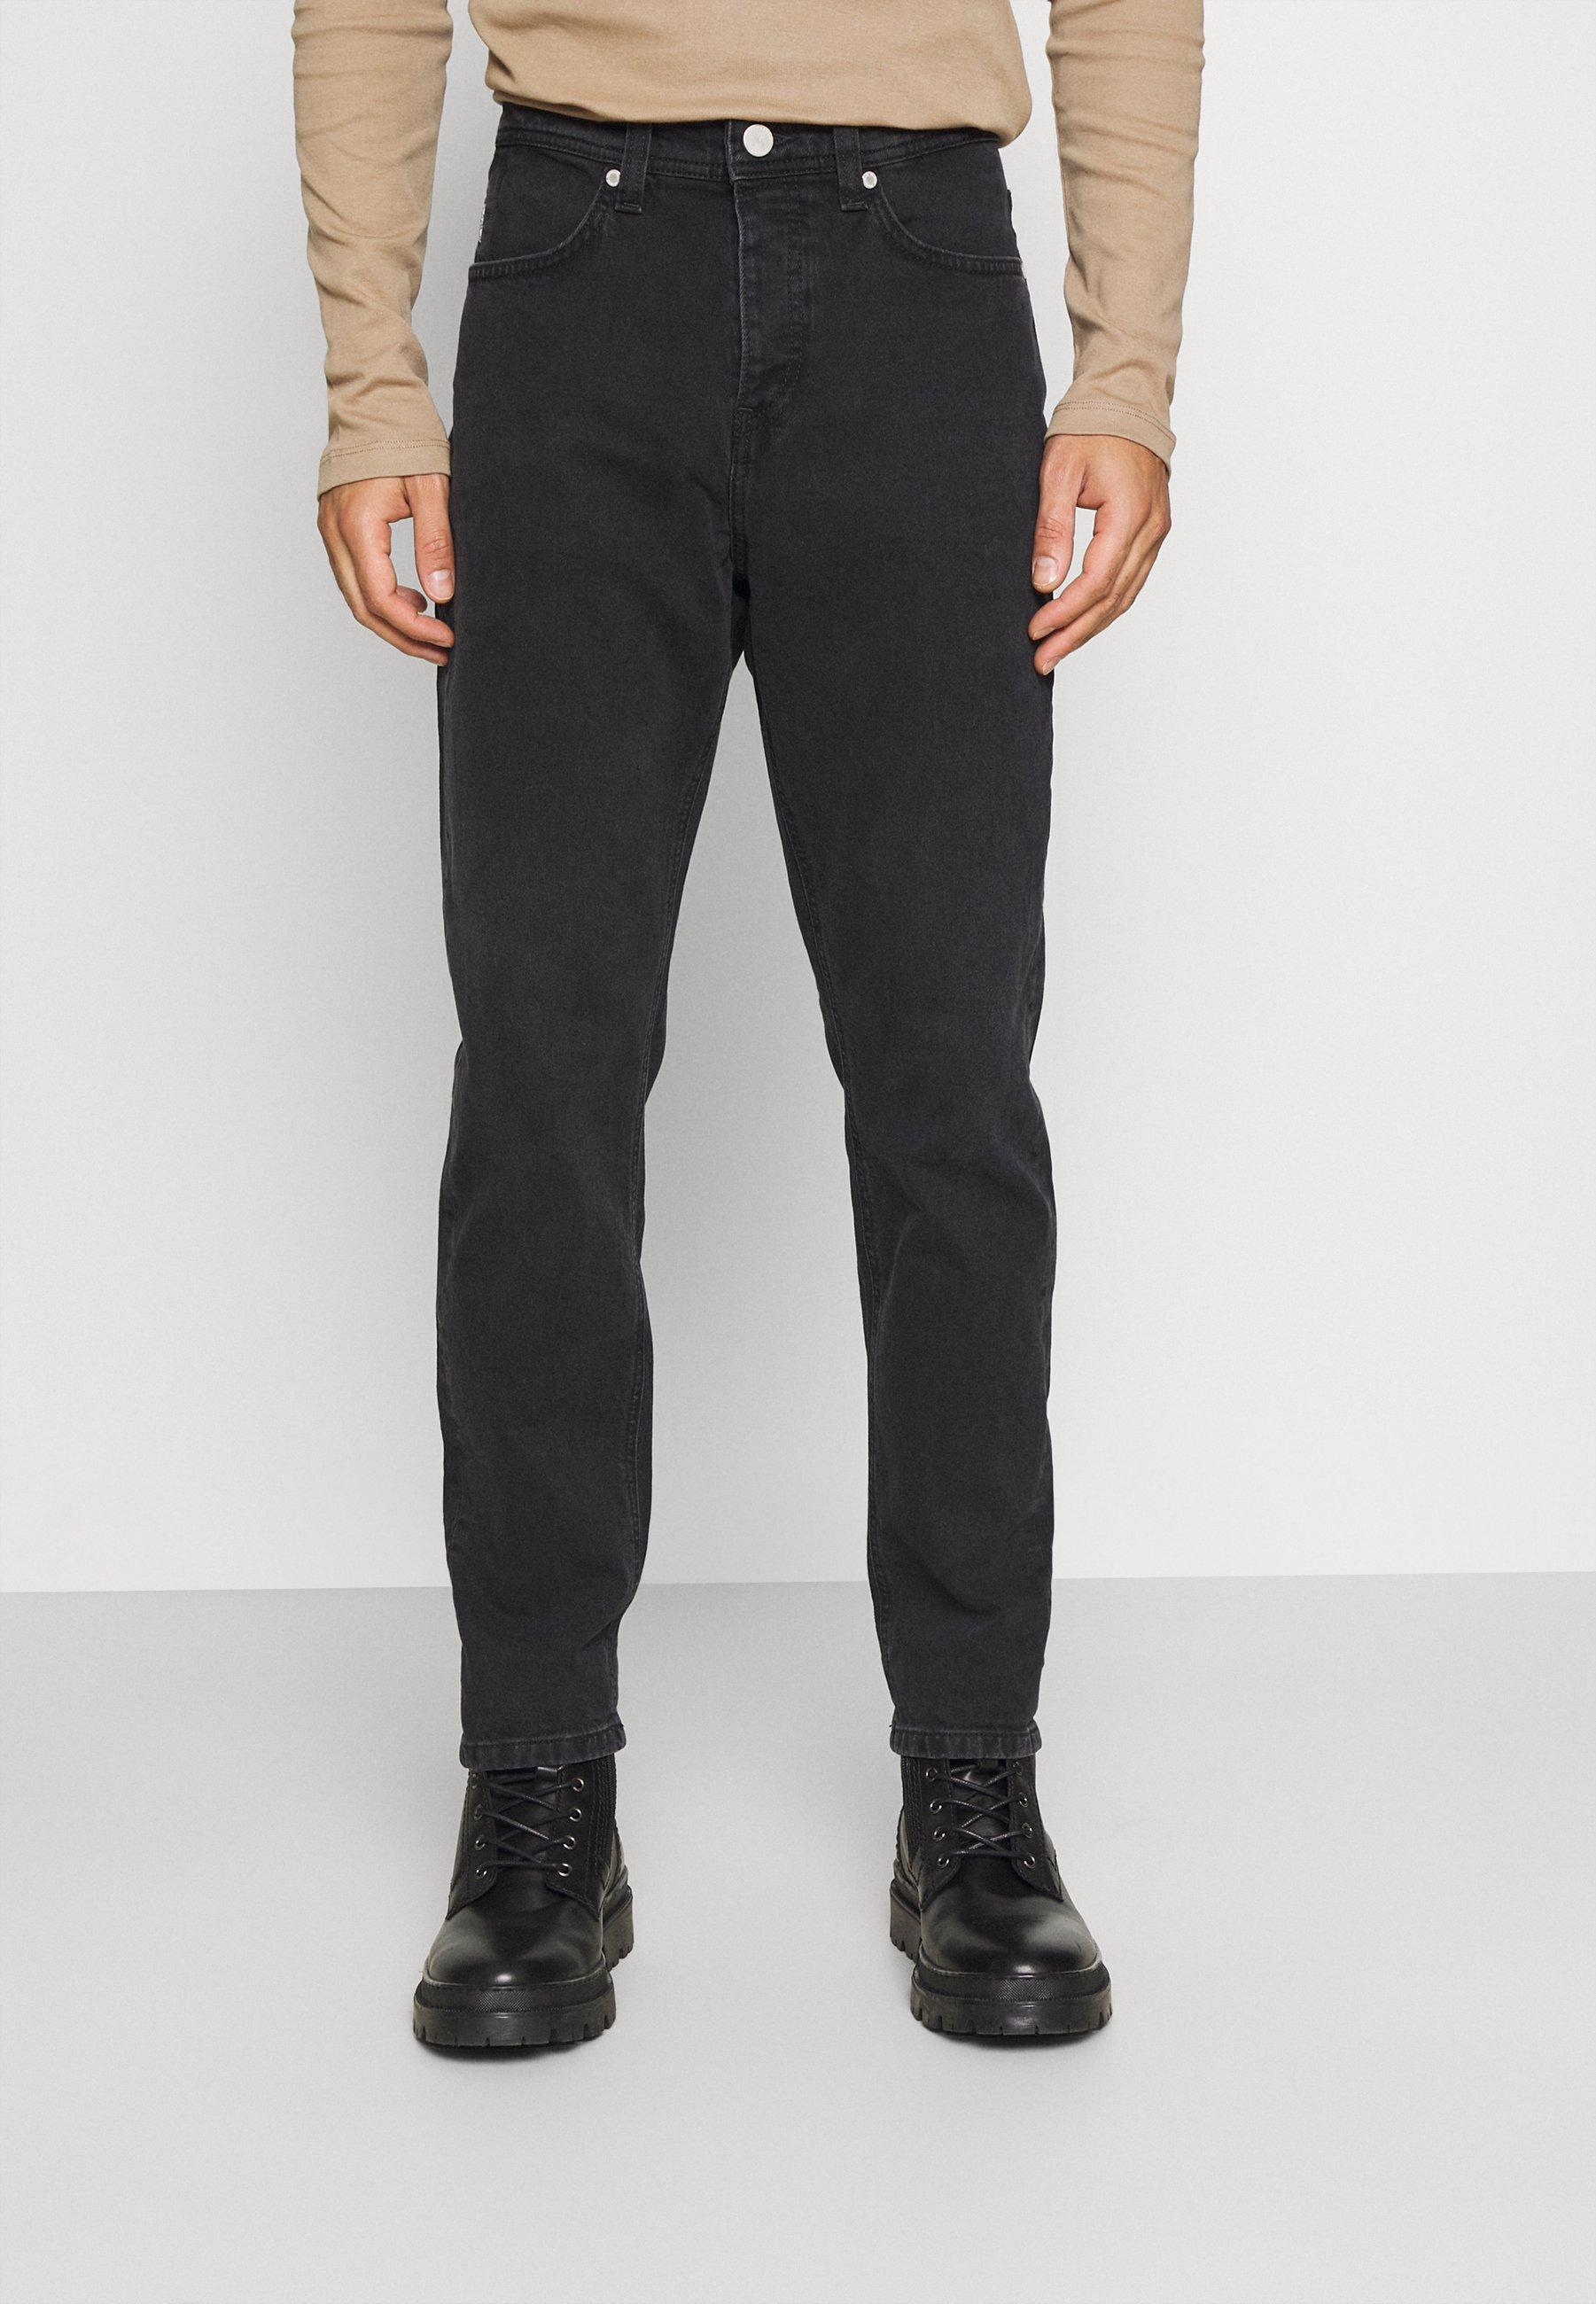 Uomo 5-POCKET REGULAR WAIST COVERED  - Jeans slim fit